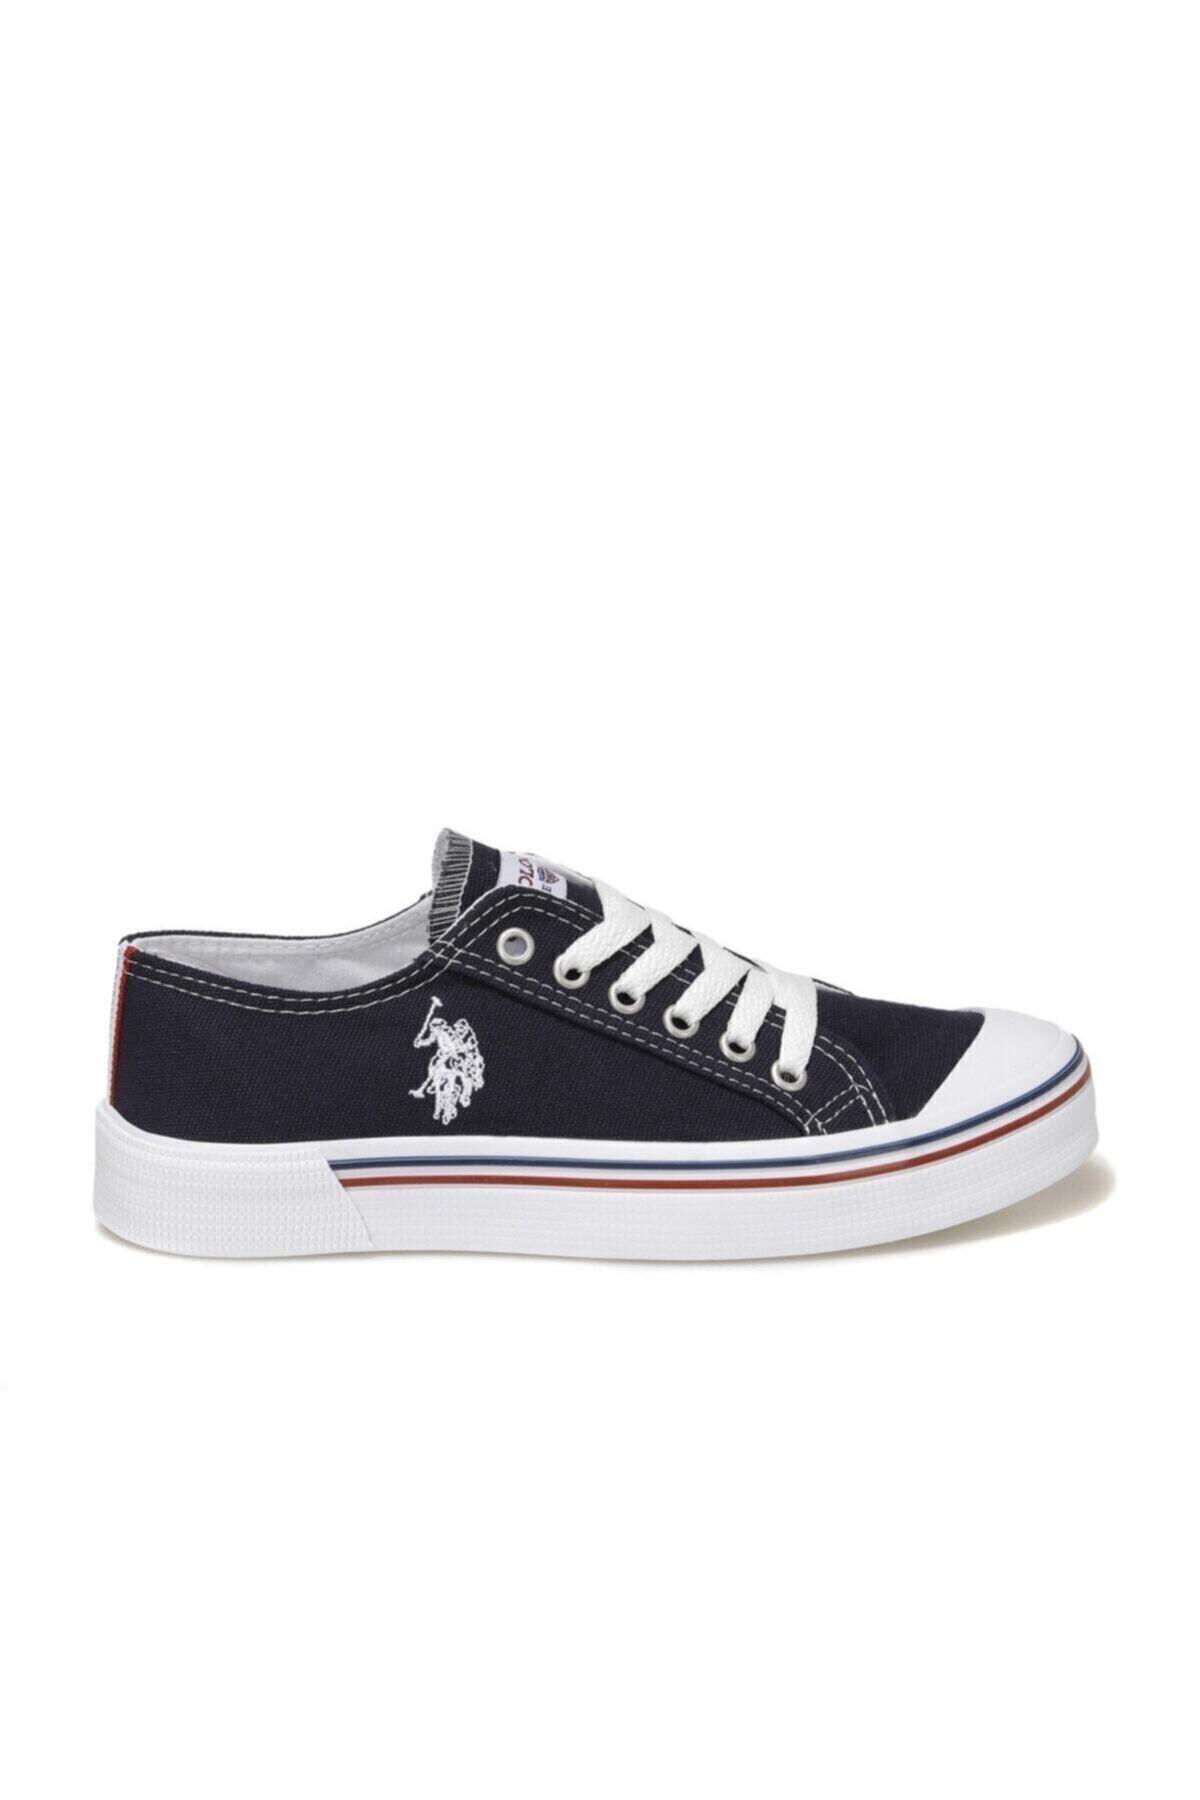 U.S. Polo Assn. PENELOPE 1FX Lacivert Kadın Havuz Taban Sneaker 100696335 2